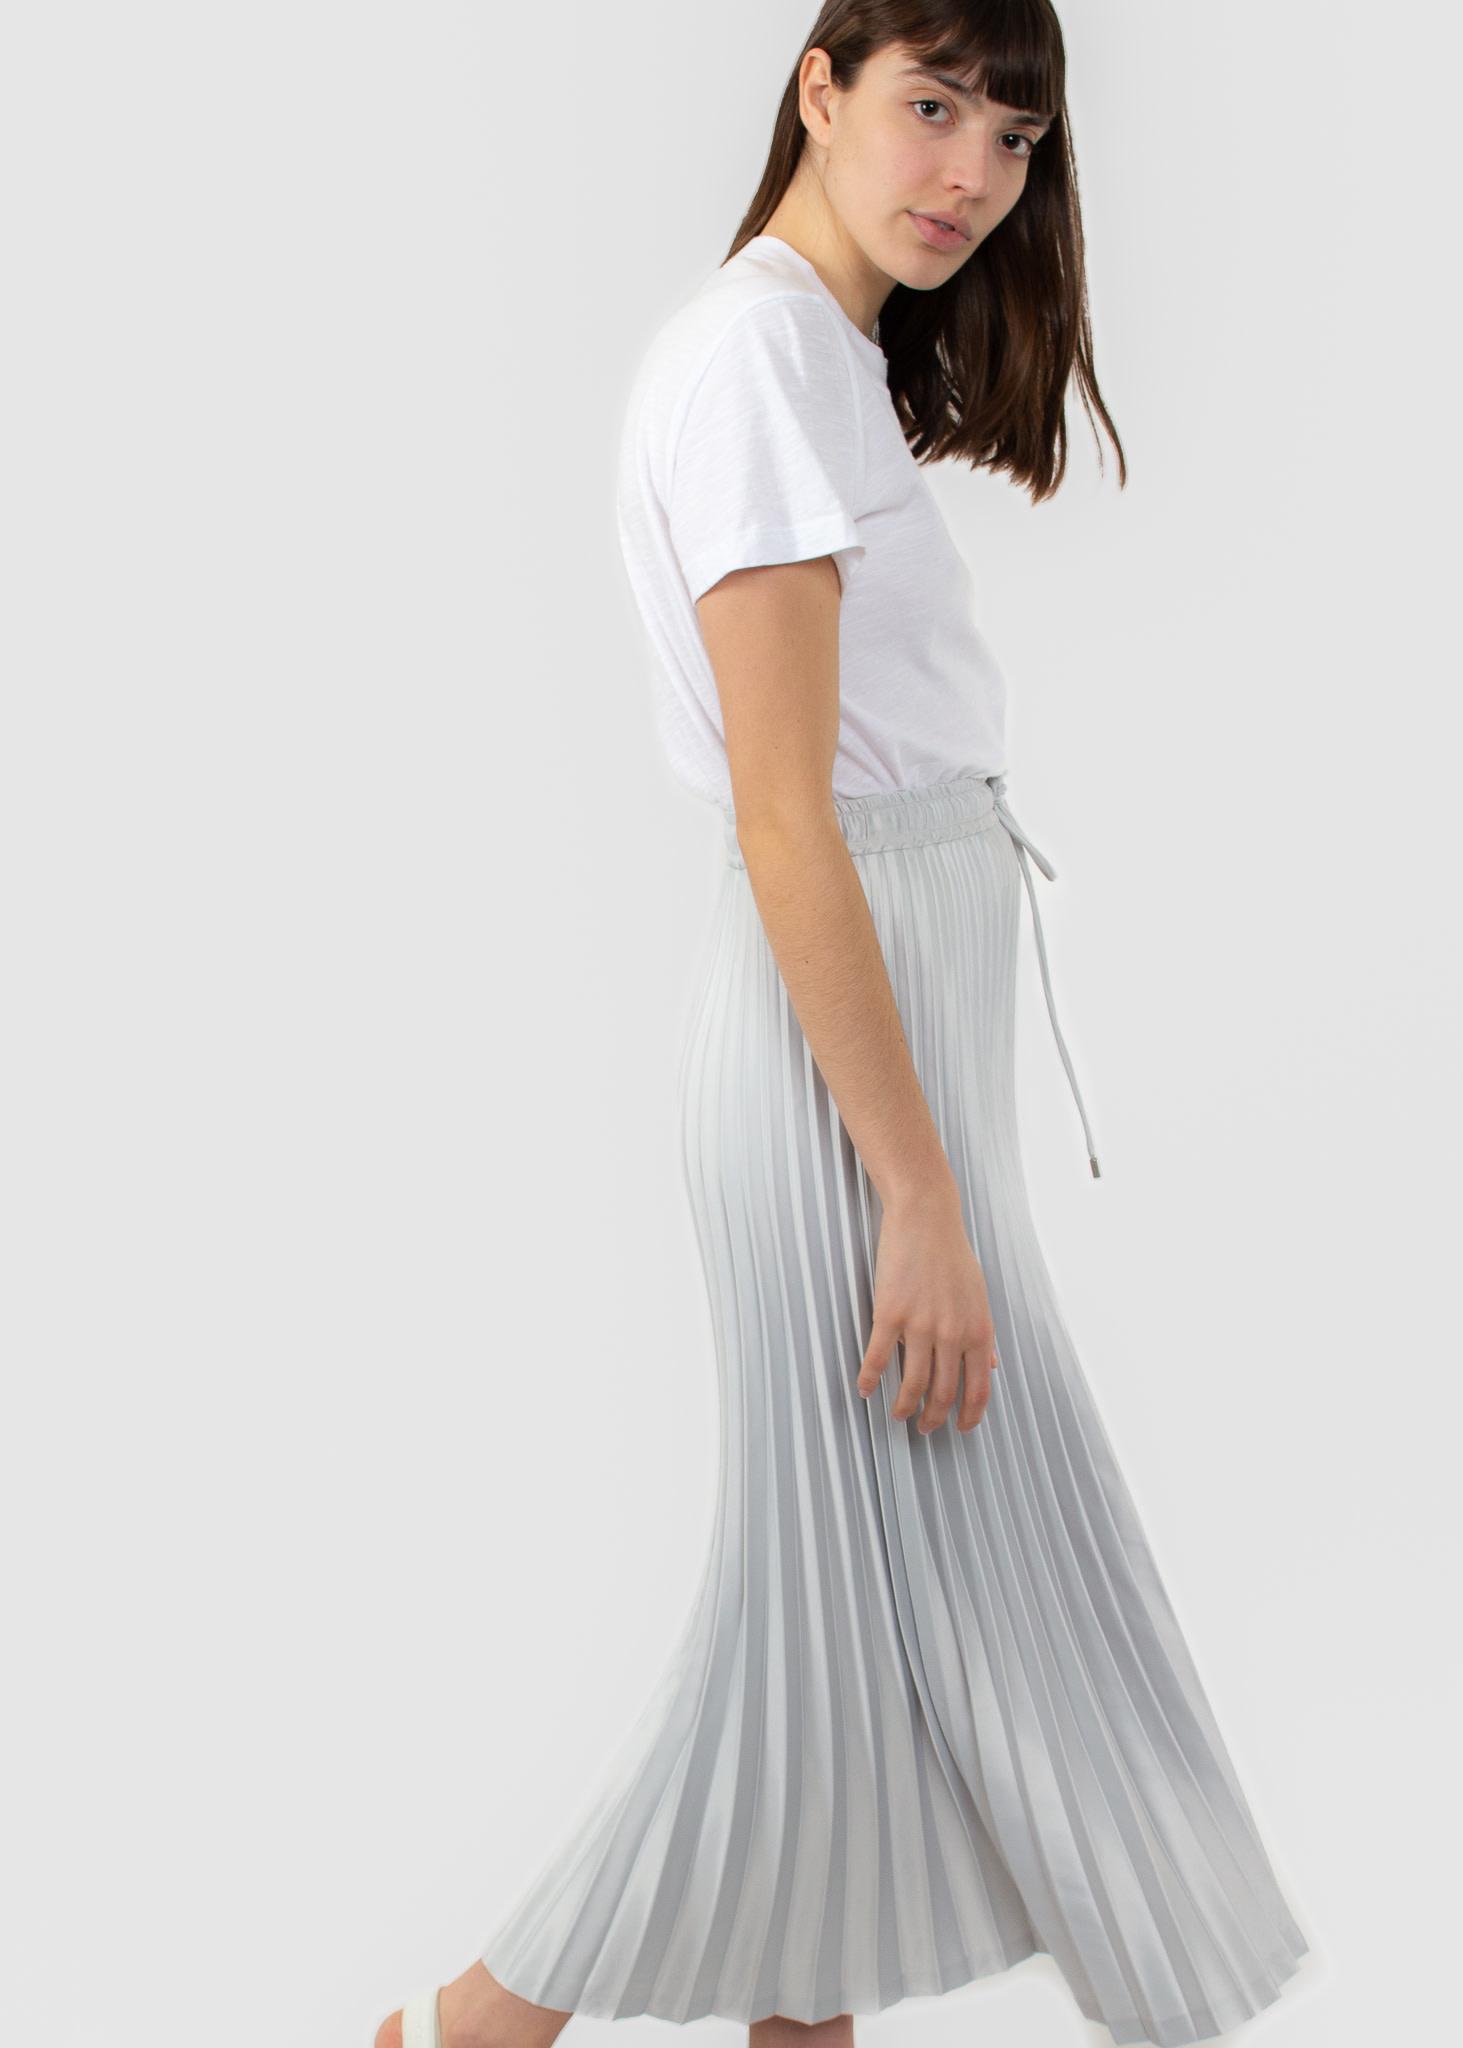 IN WEAR Kasyal skirt